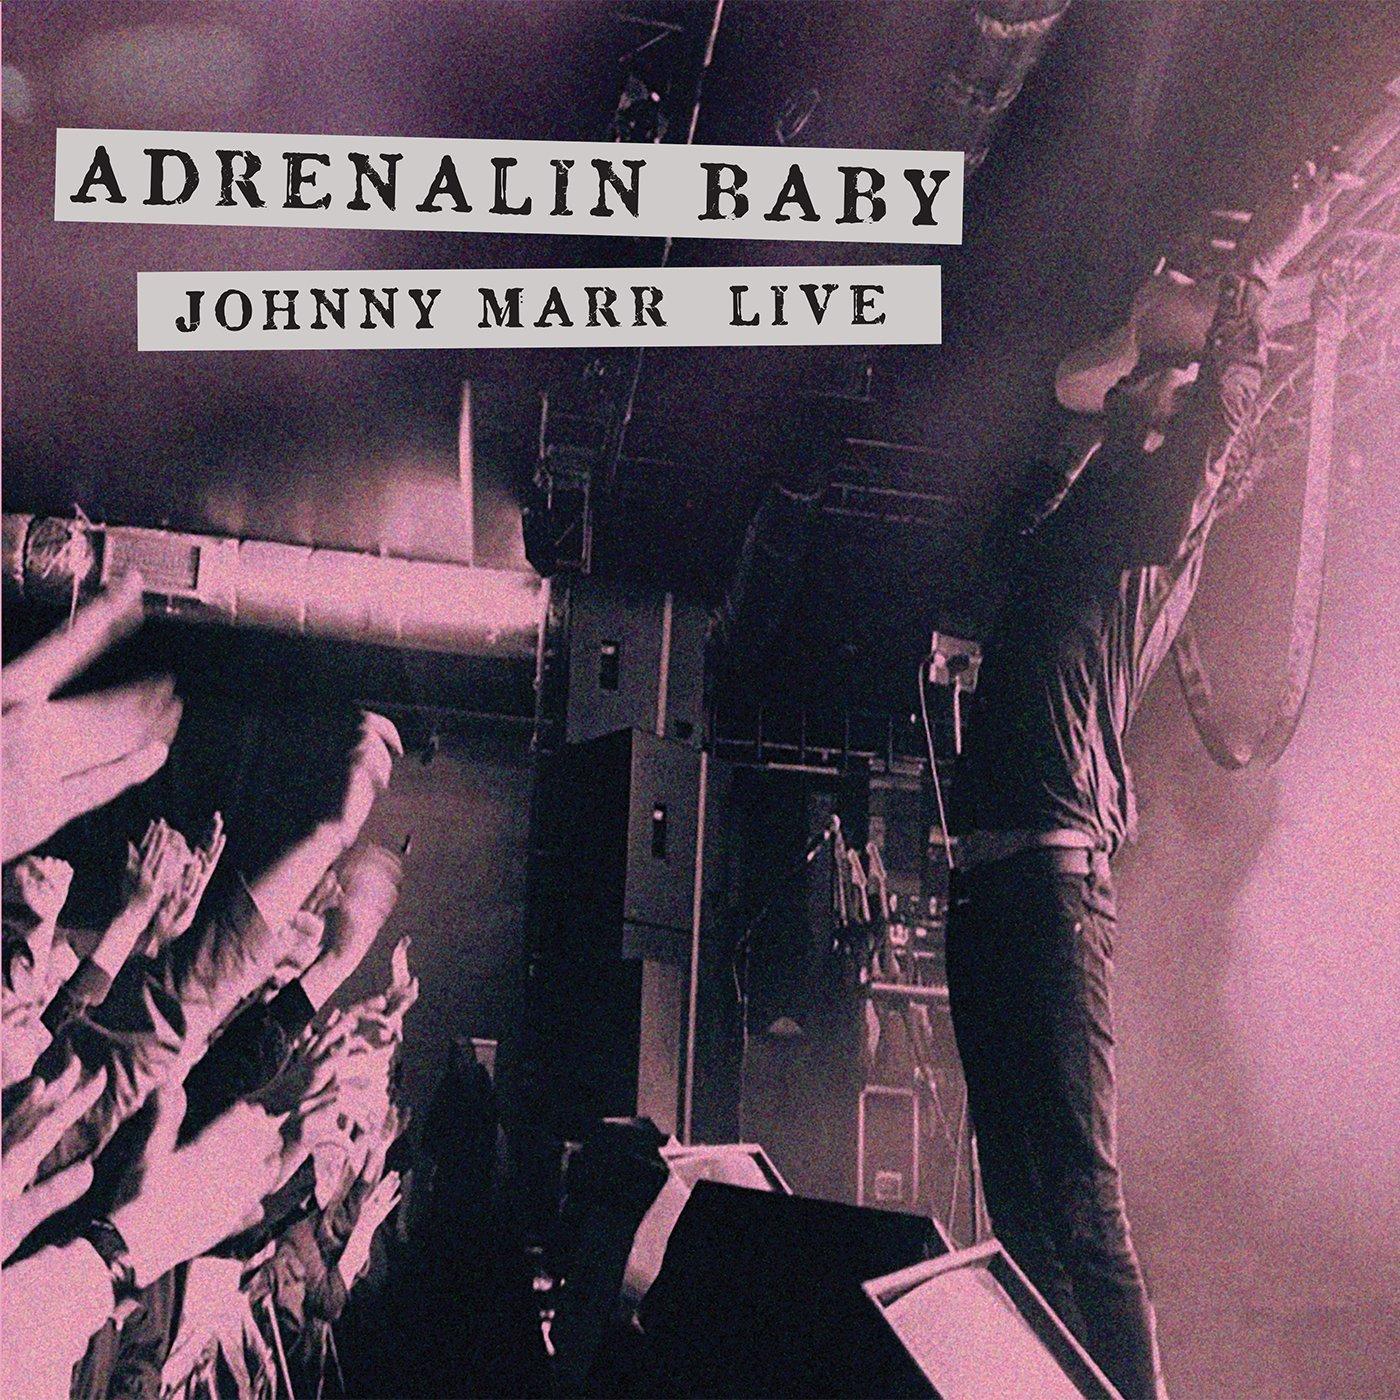 johnny-marr-adrenalin-baby-capa